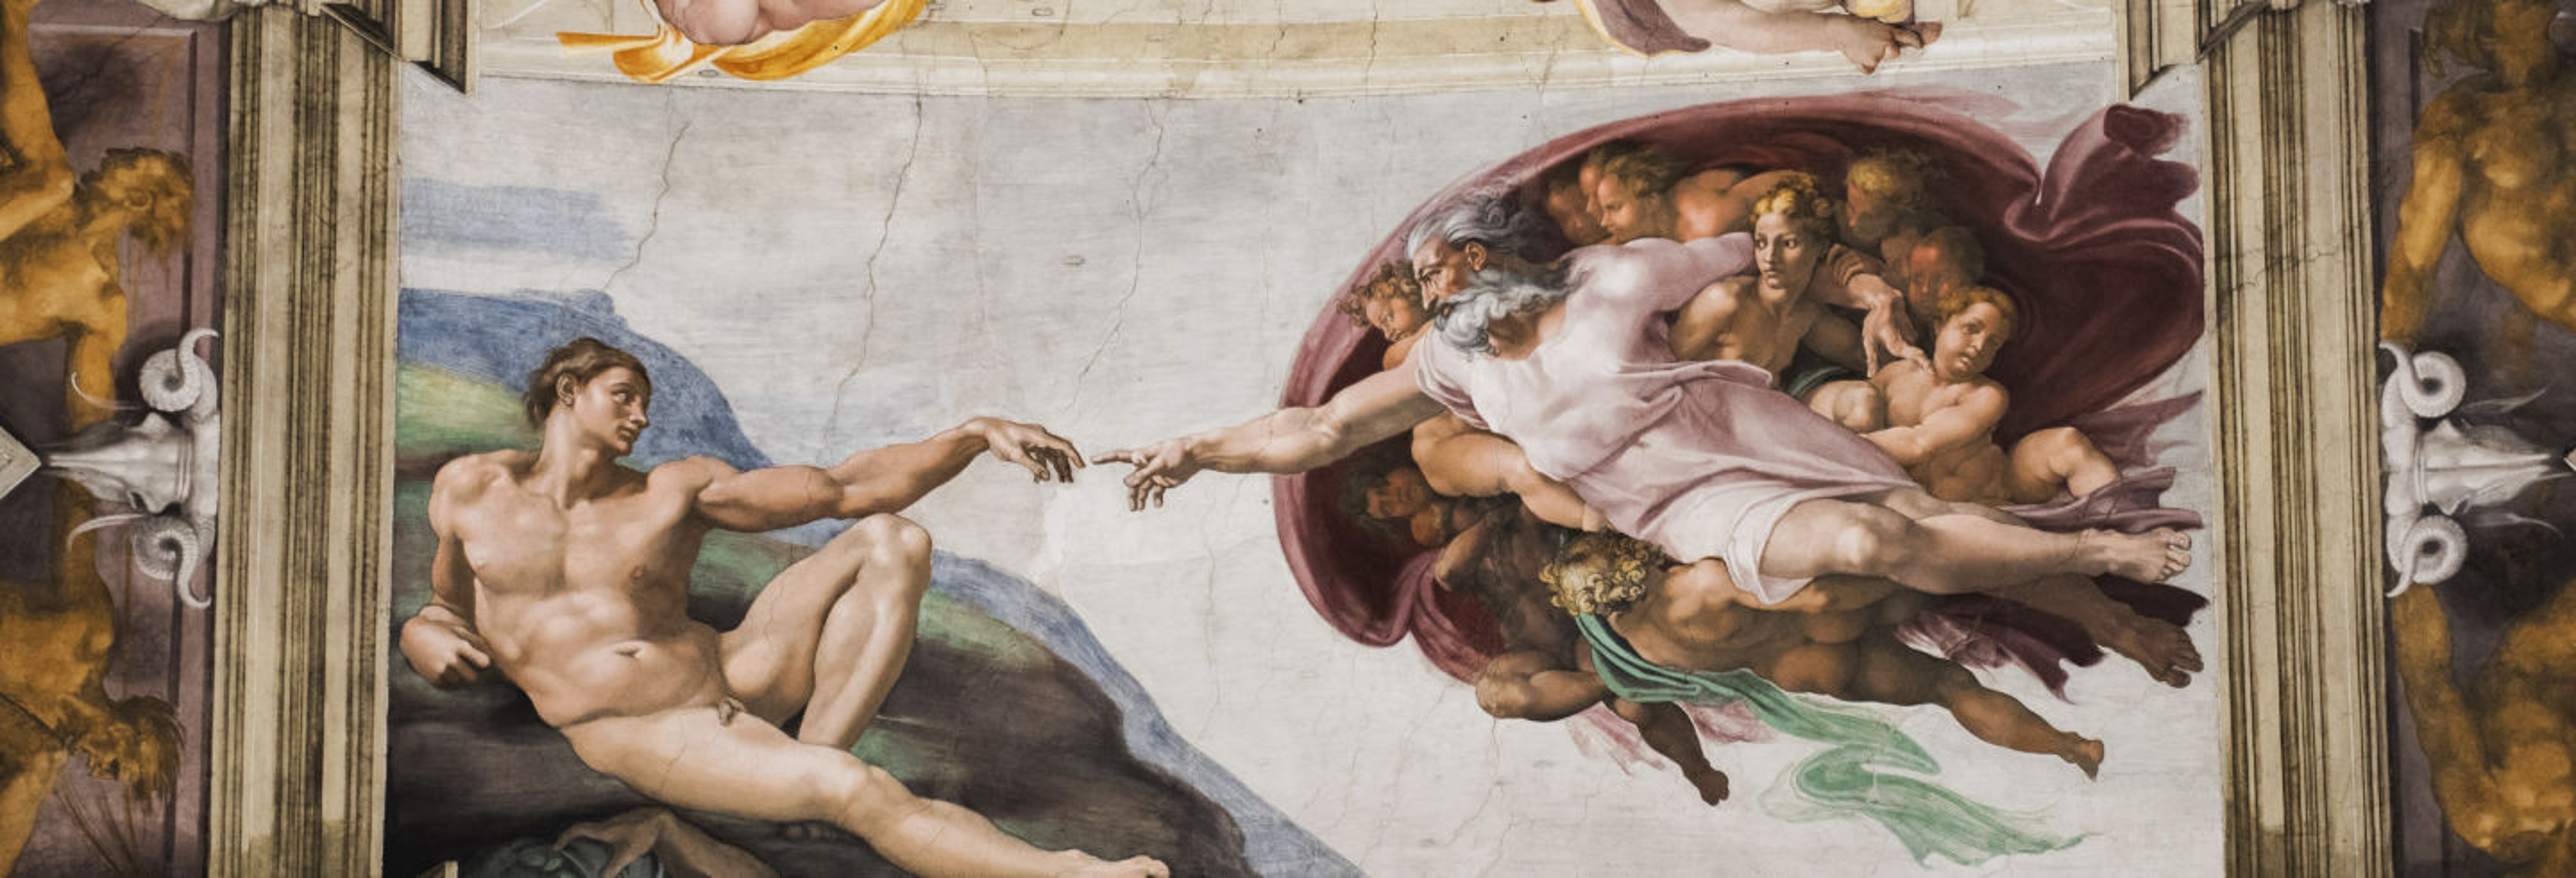 Primer acceso a los Museos Vaticanos y Capilla Sixtina